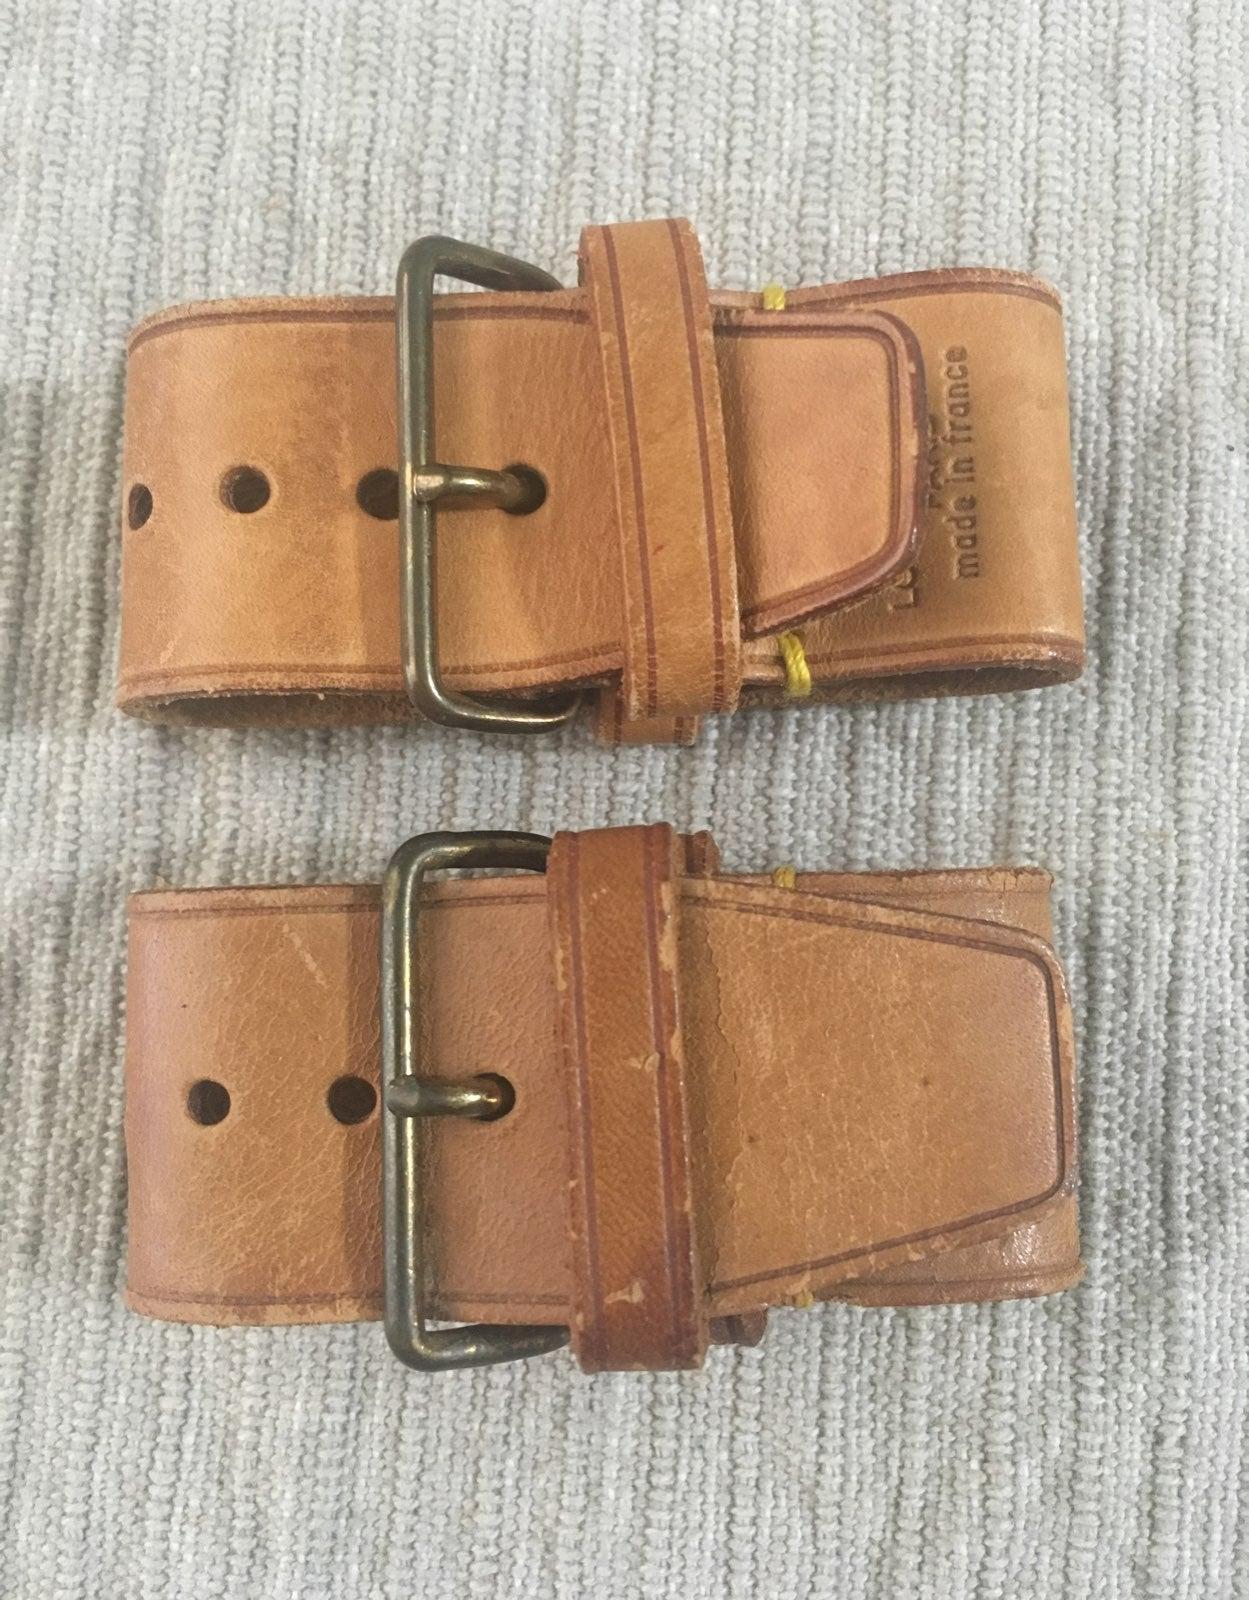 Louis Vuitton Poignets (handle holders)